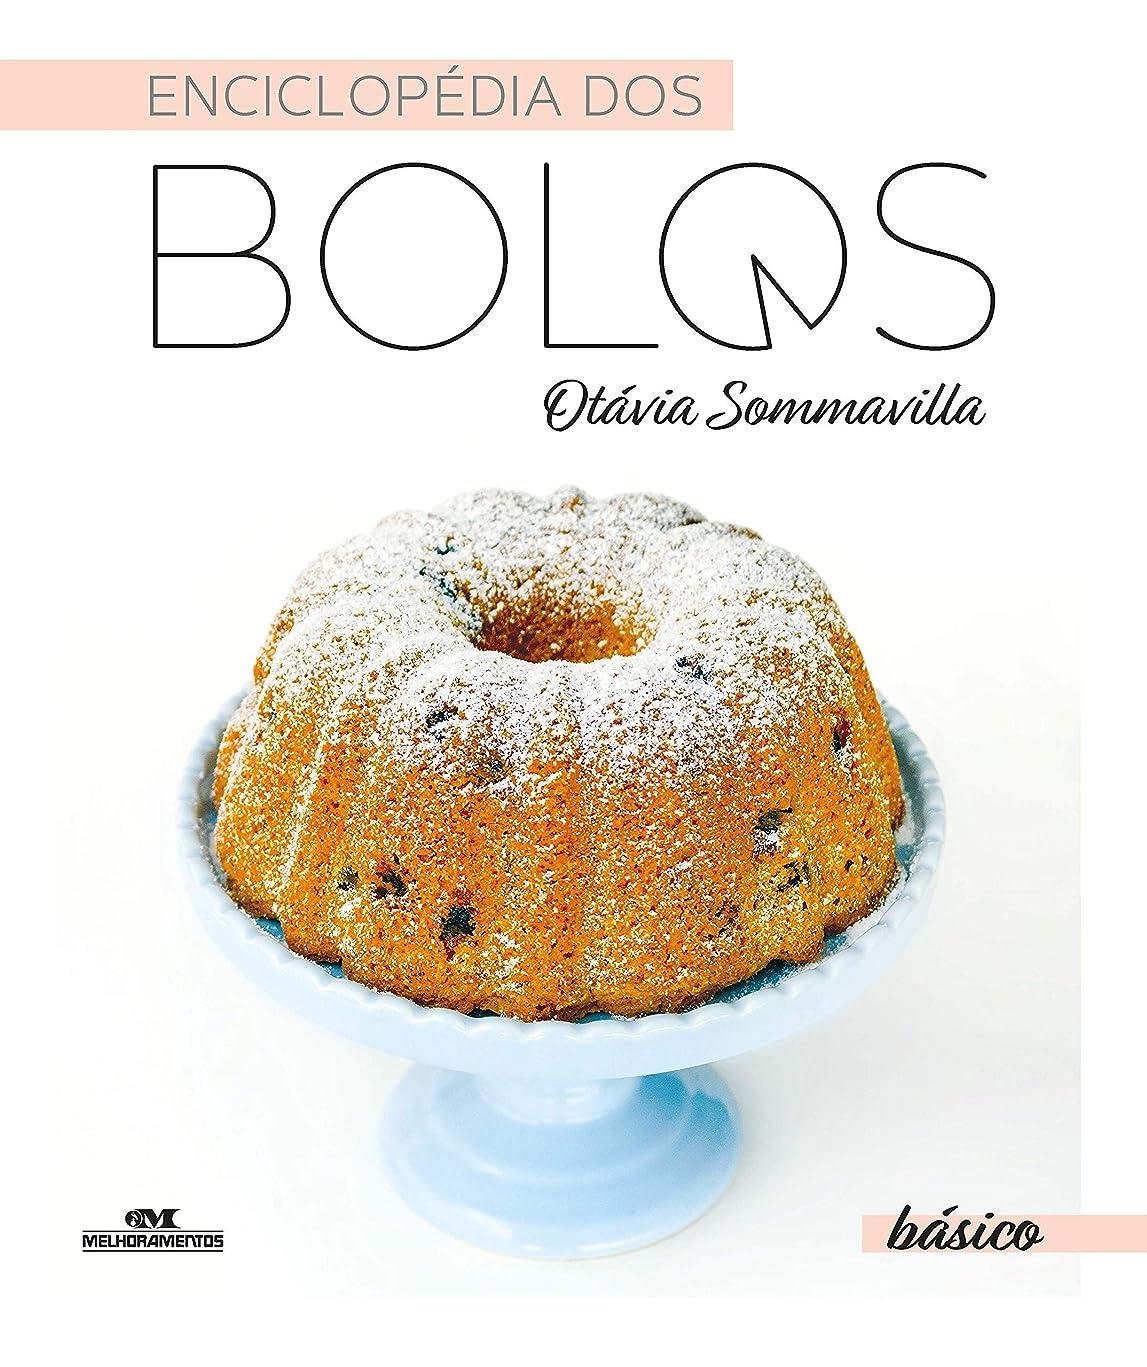 泣いているスーツケース封建Enciclopédia dos Bolos: Básico (Portuguese Edition)